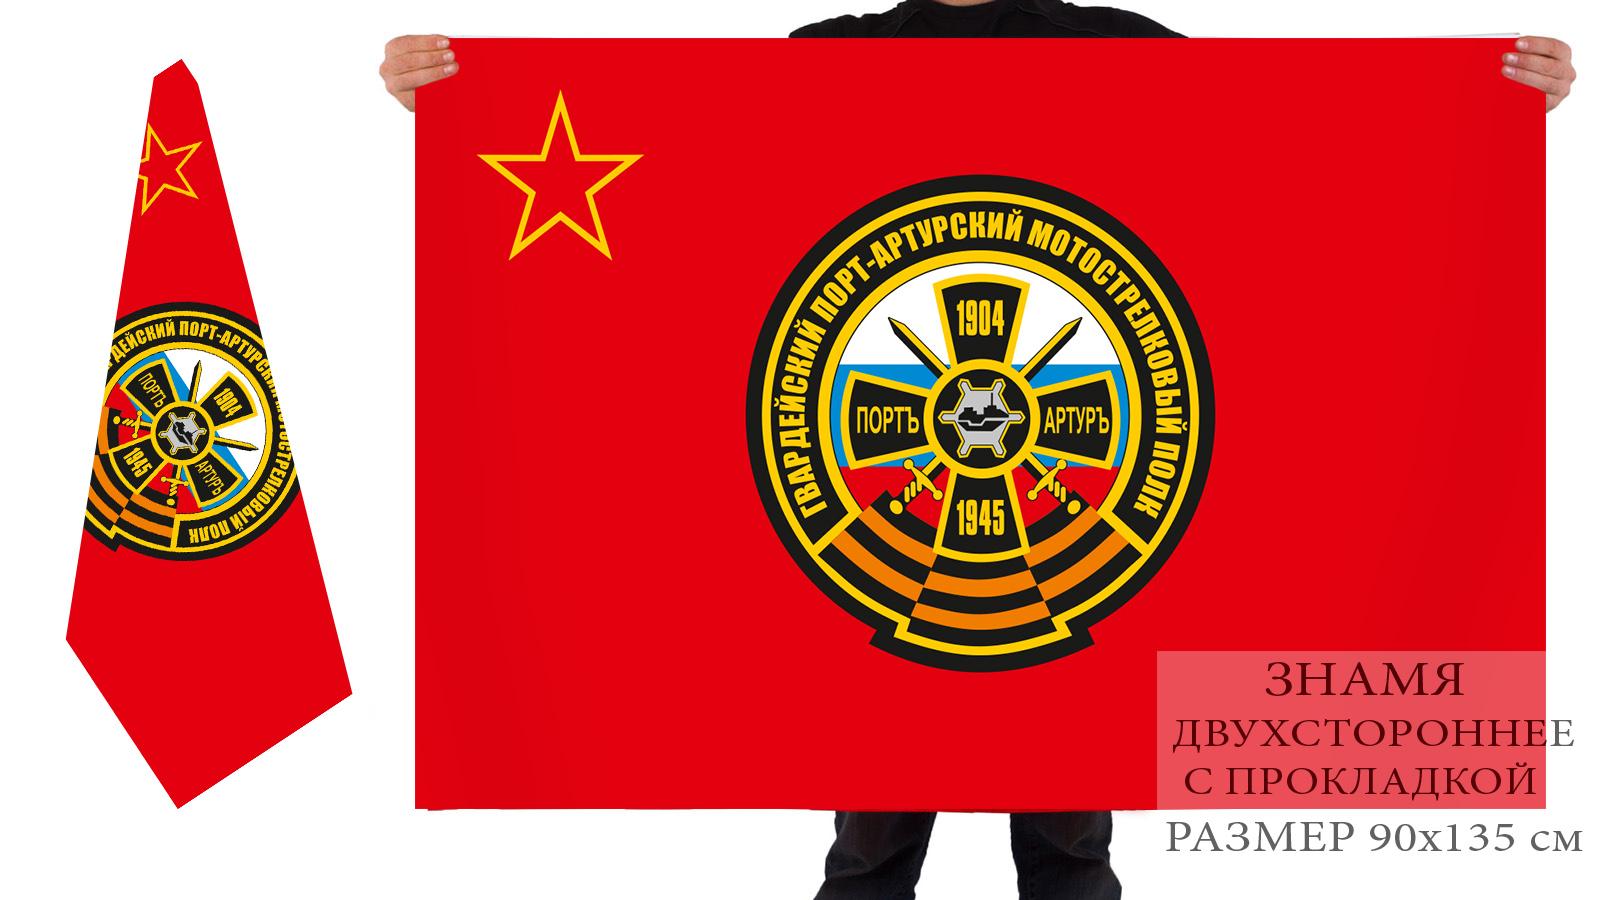 Двусторонний флаг 382 Гвардейского Порт-Артурского полка мотострелковых войск